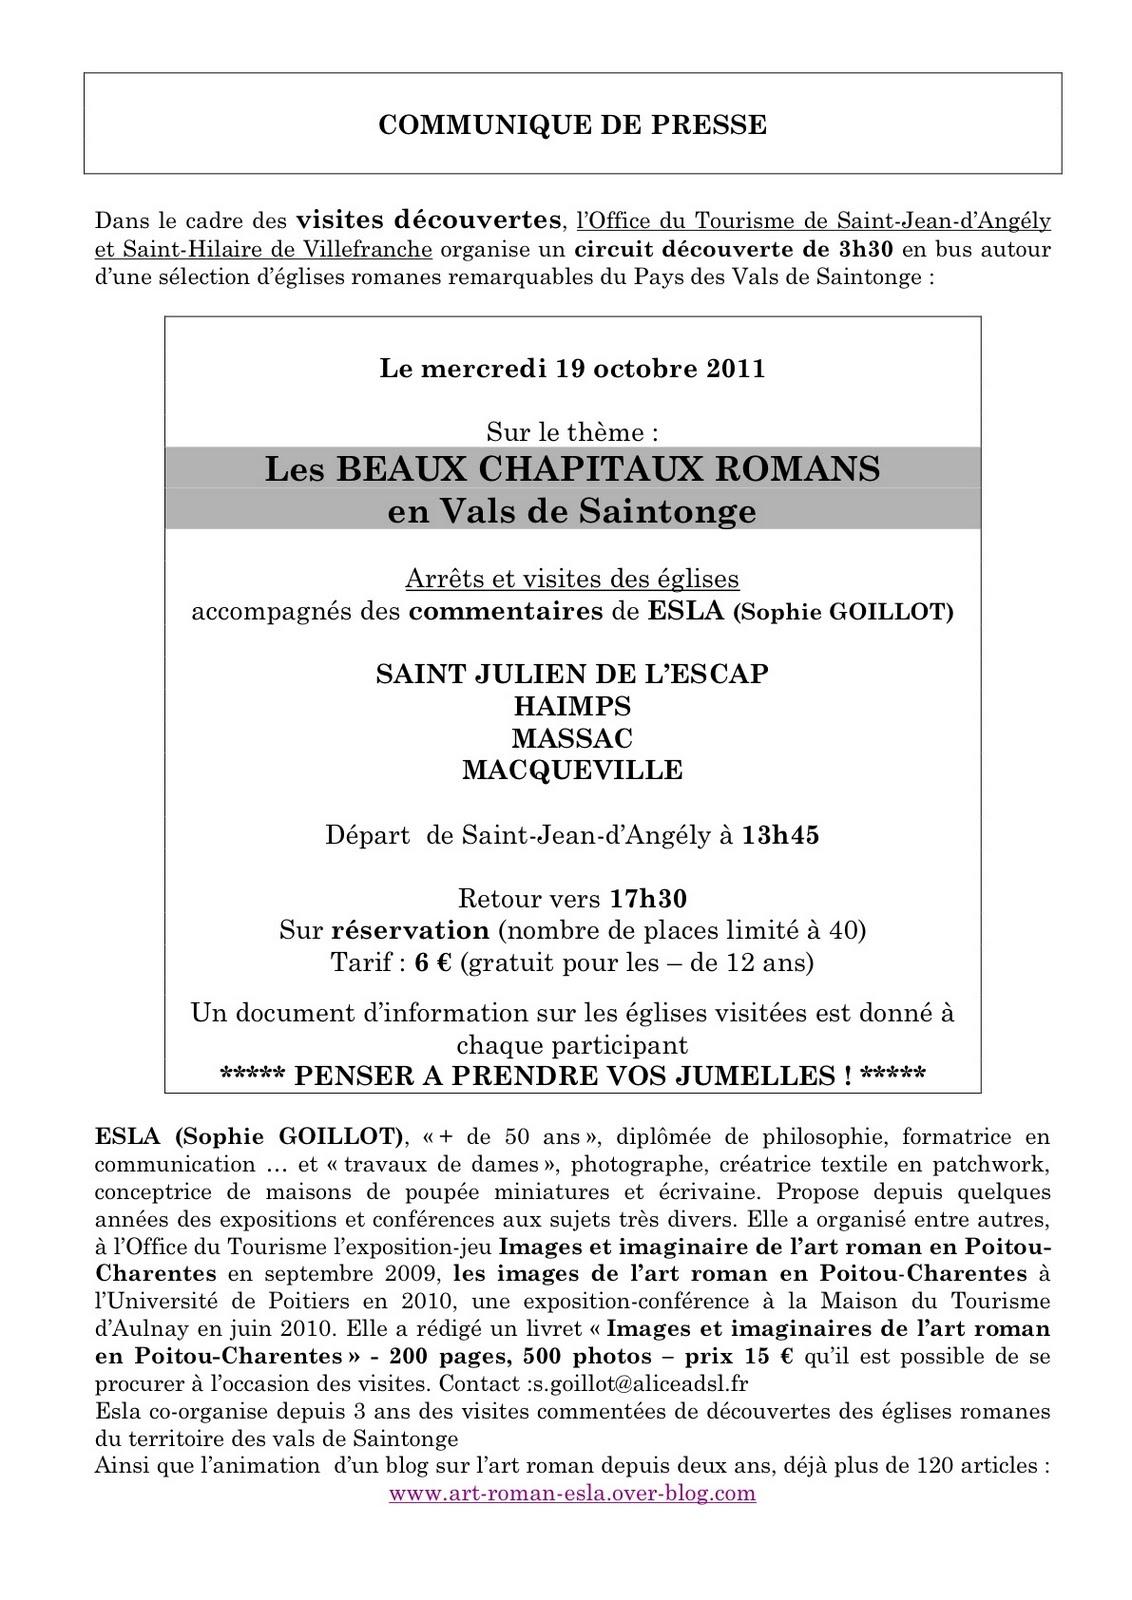 Art roman gothique m di val octobre 2011 - Office de tourisme saint jean d angely ...